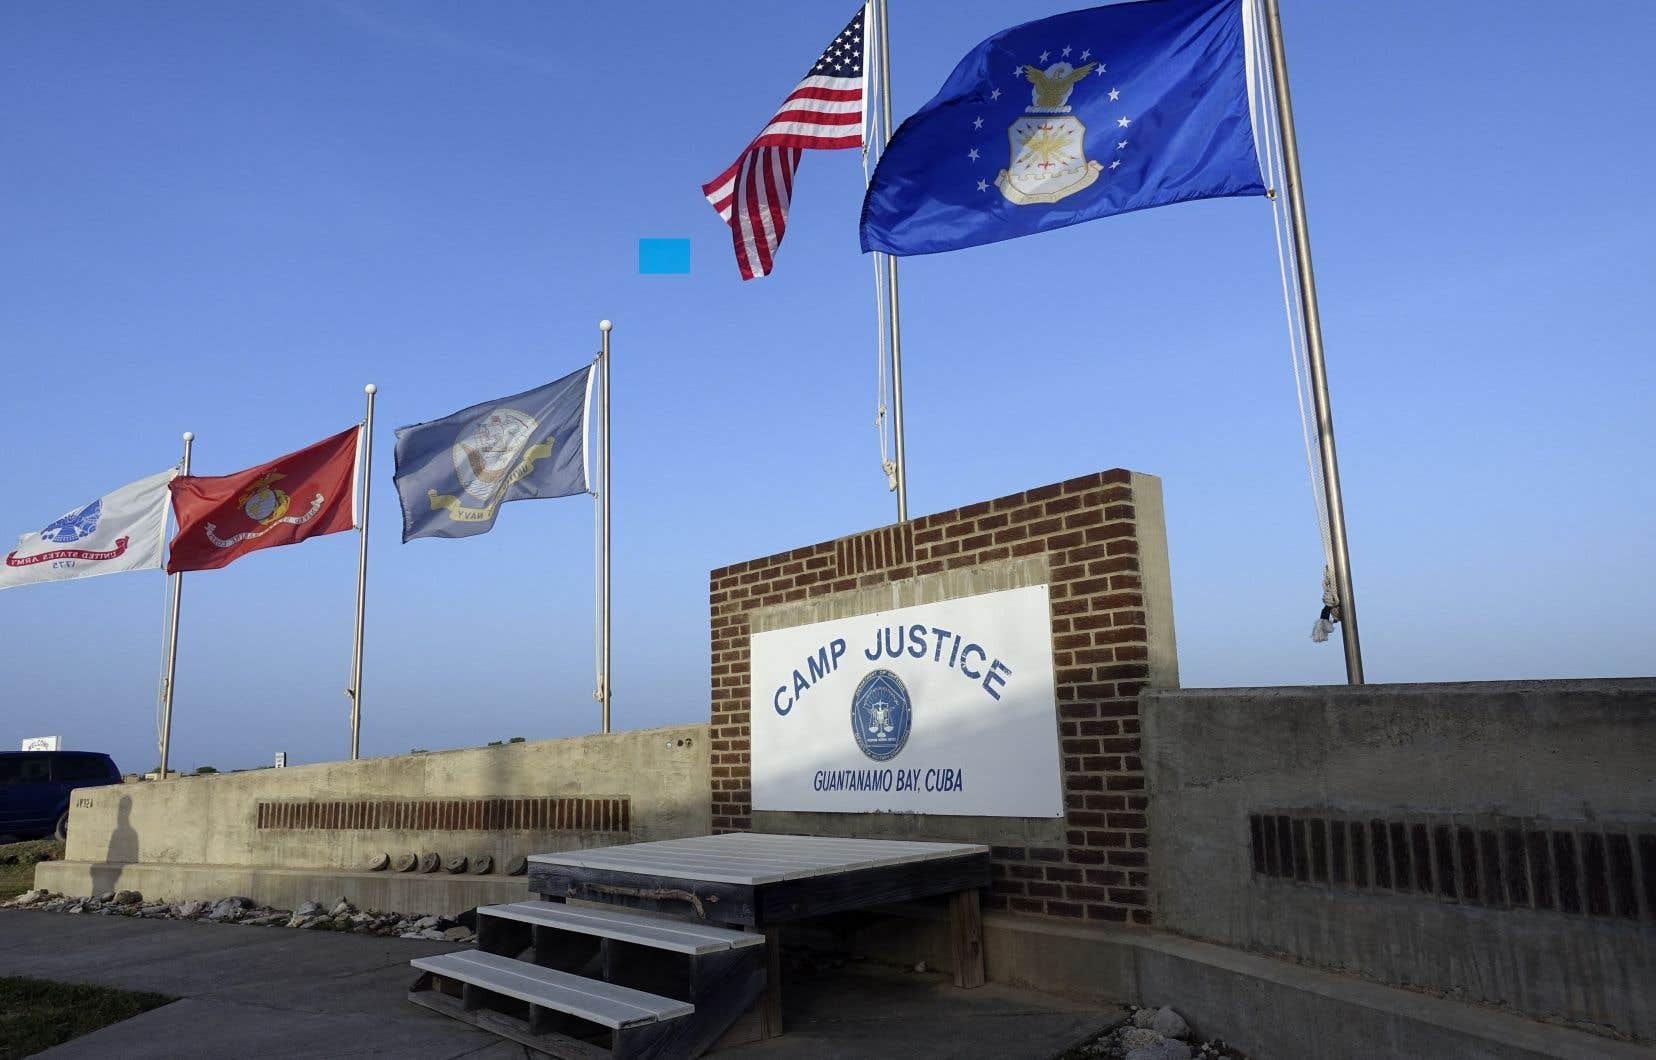 Le tribunal militaire, qui siège dans la prison de la base navale américaine de Guantanamo, dans le sud-est de Cuba, a été placé sous haute sécurité, et la salle est entourée de grillages avec barbelés.